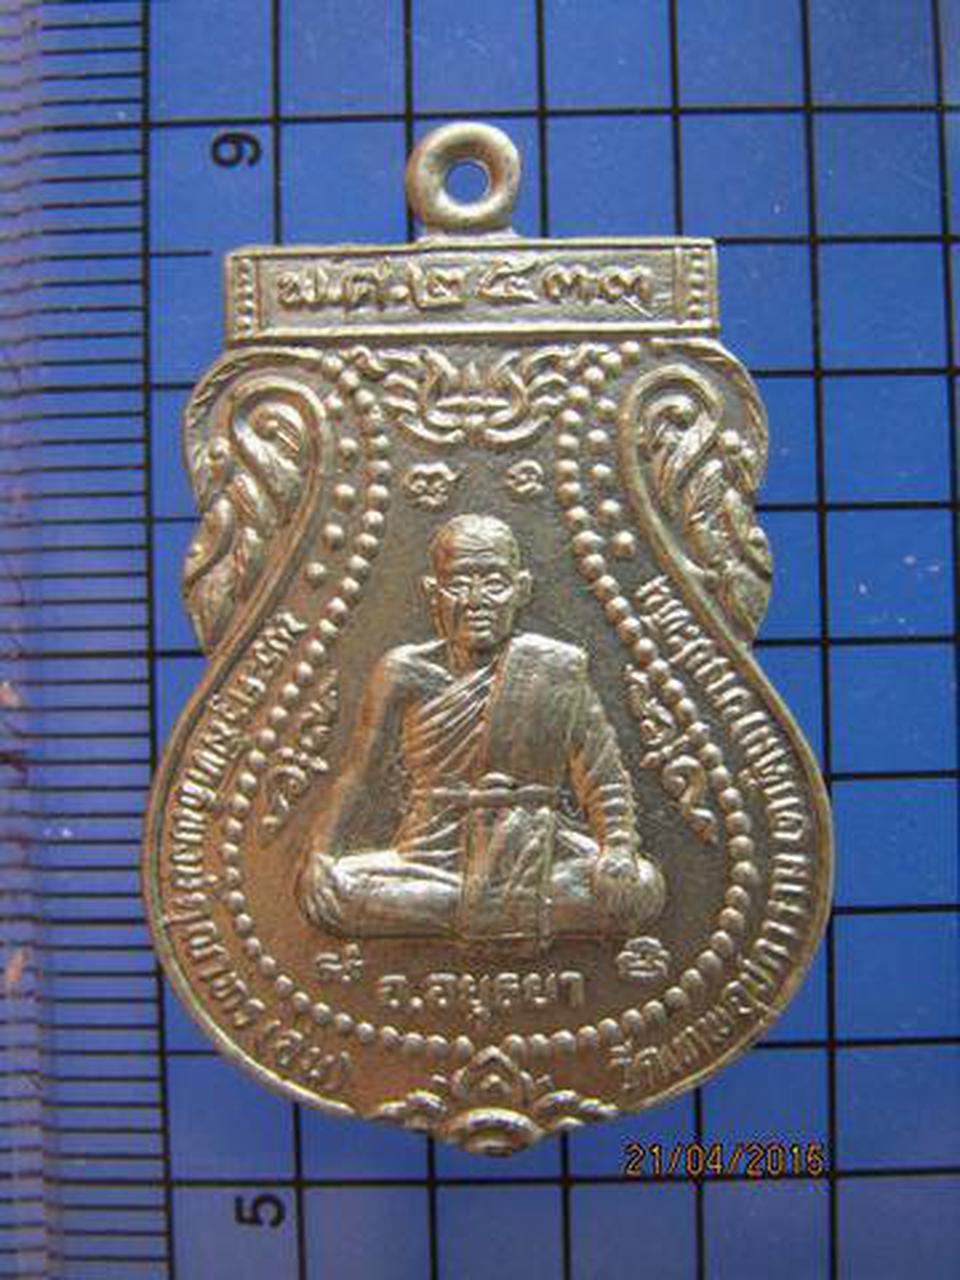 1749 เหรียญหลวงพ่ออุ่น วัดเทพอุปการาม อยุธยา เนื้ออัลปาก้า ป รูปที่ 1